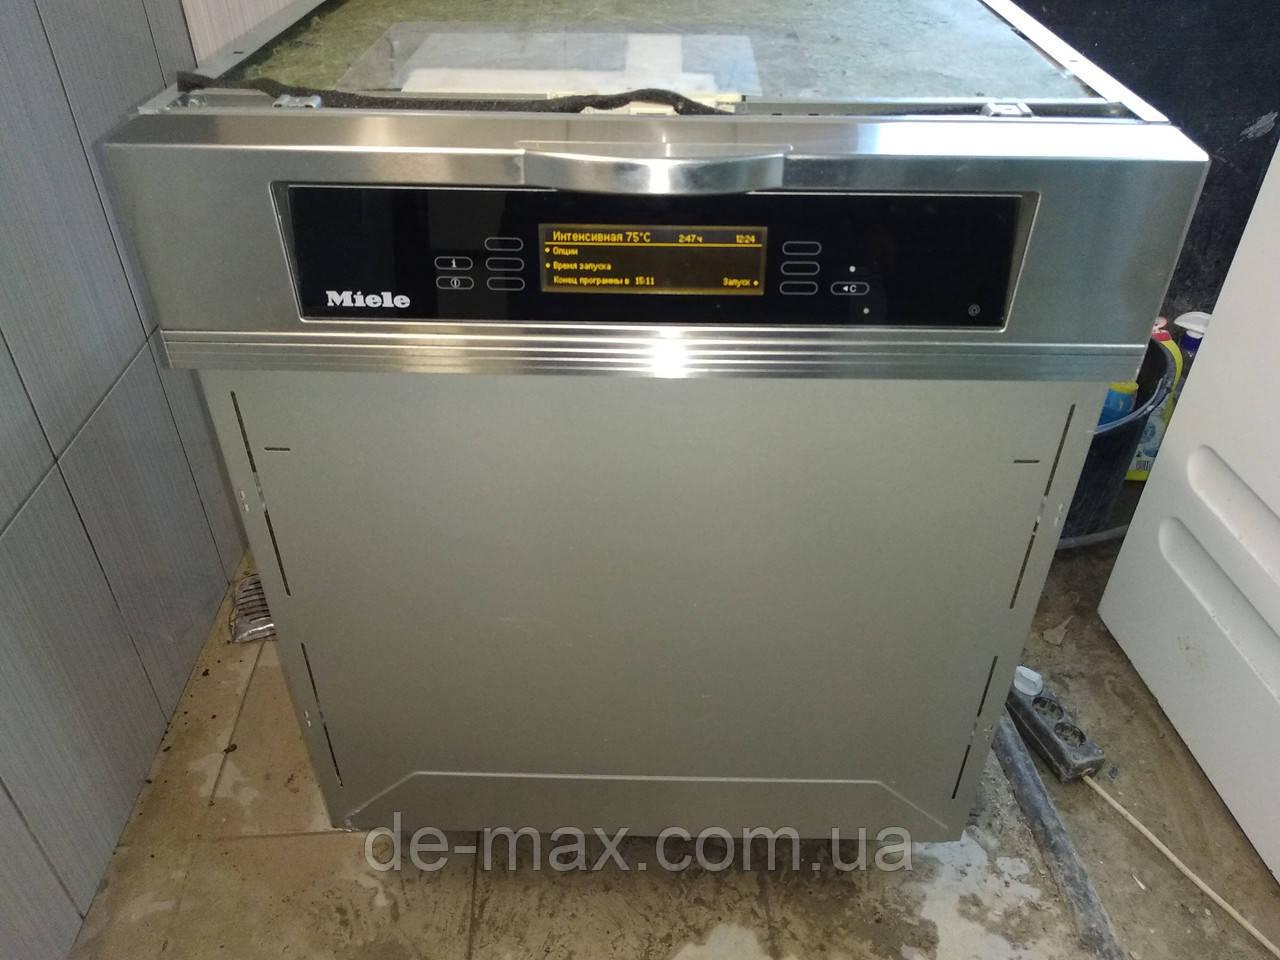 Посудомоечная машина Miele G 1832 SCi 3 лотка 12 комплектов рус язык